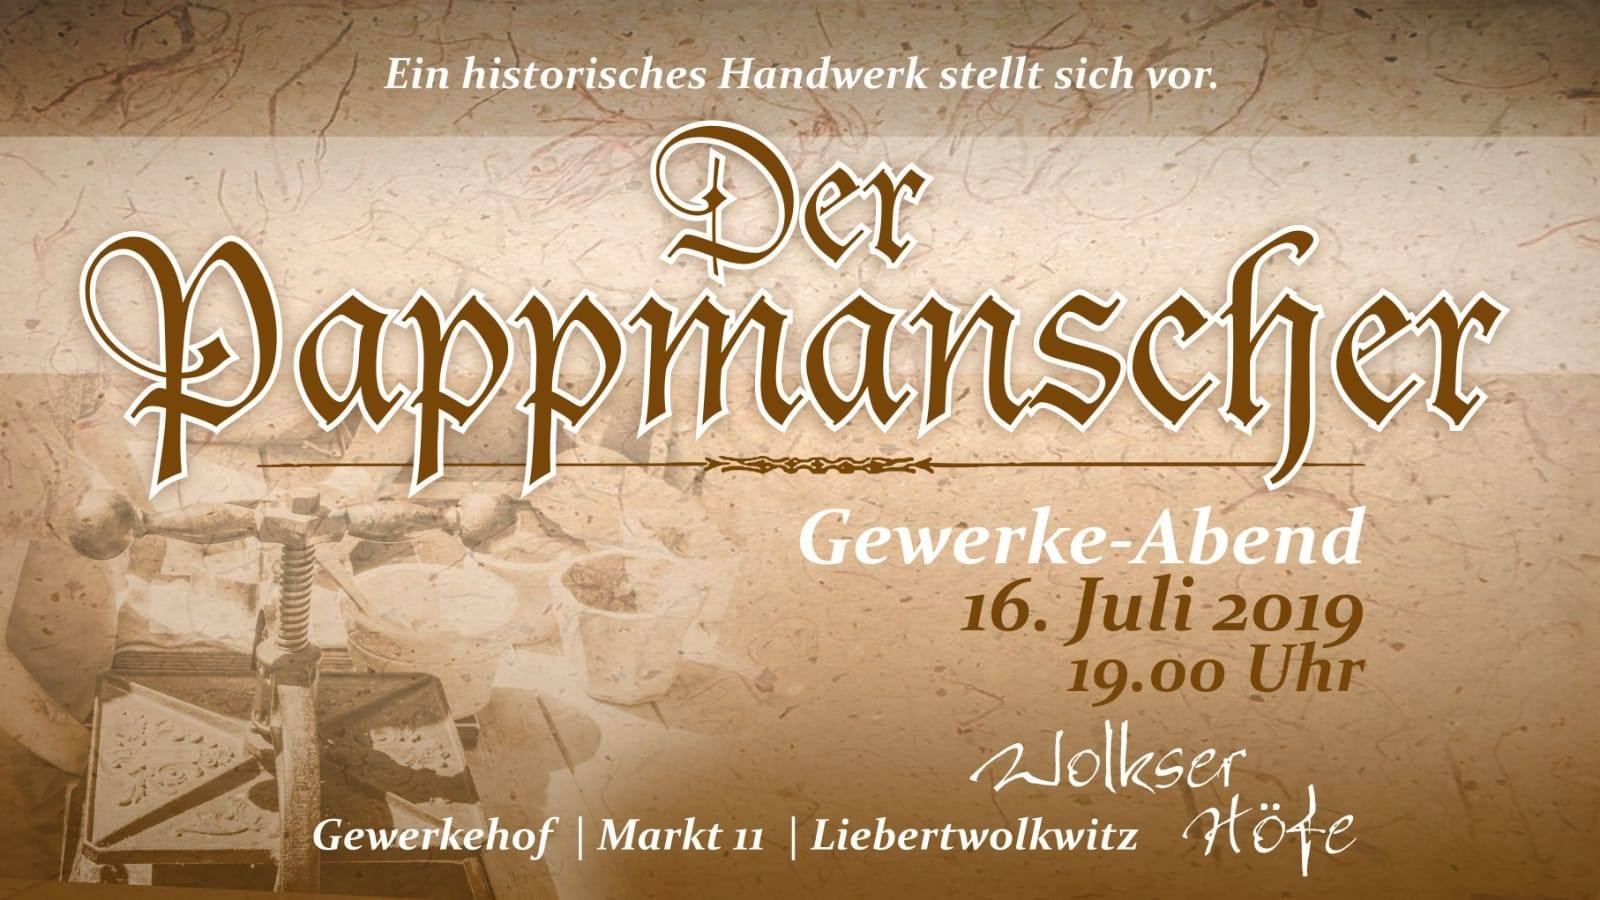 Wolkser Höfe 2019 - Liebertwolkwitz - Gewerke-Abend am 16.07.19 , Bild: Frank Bauer